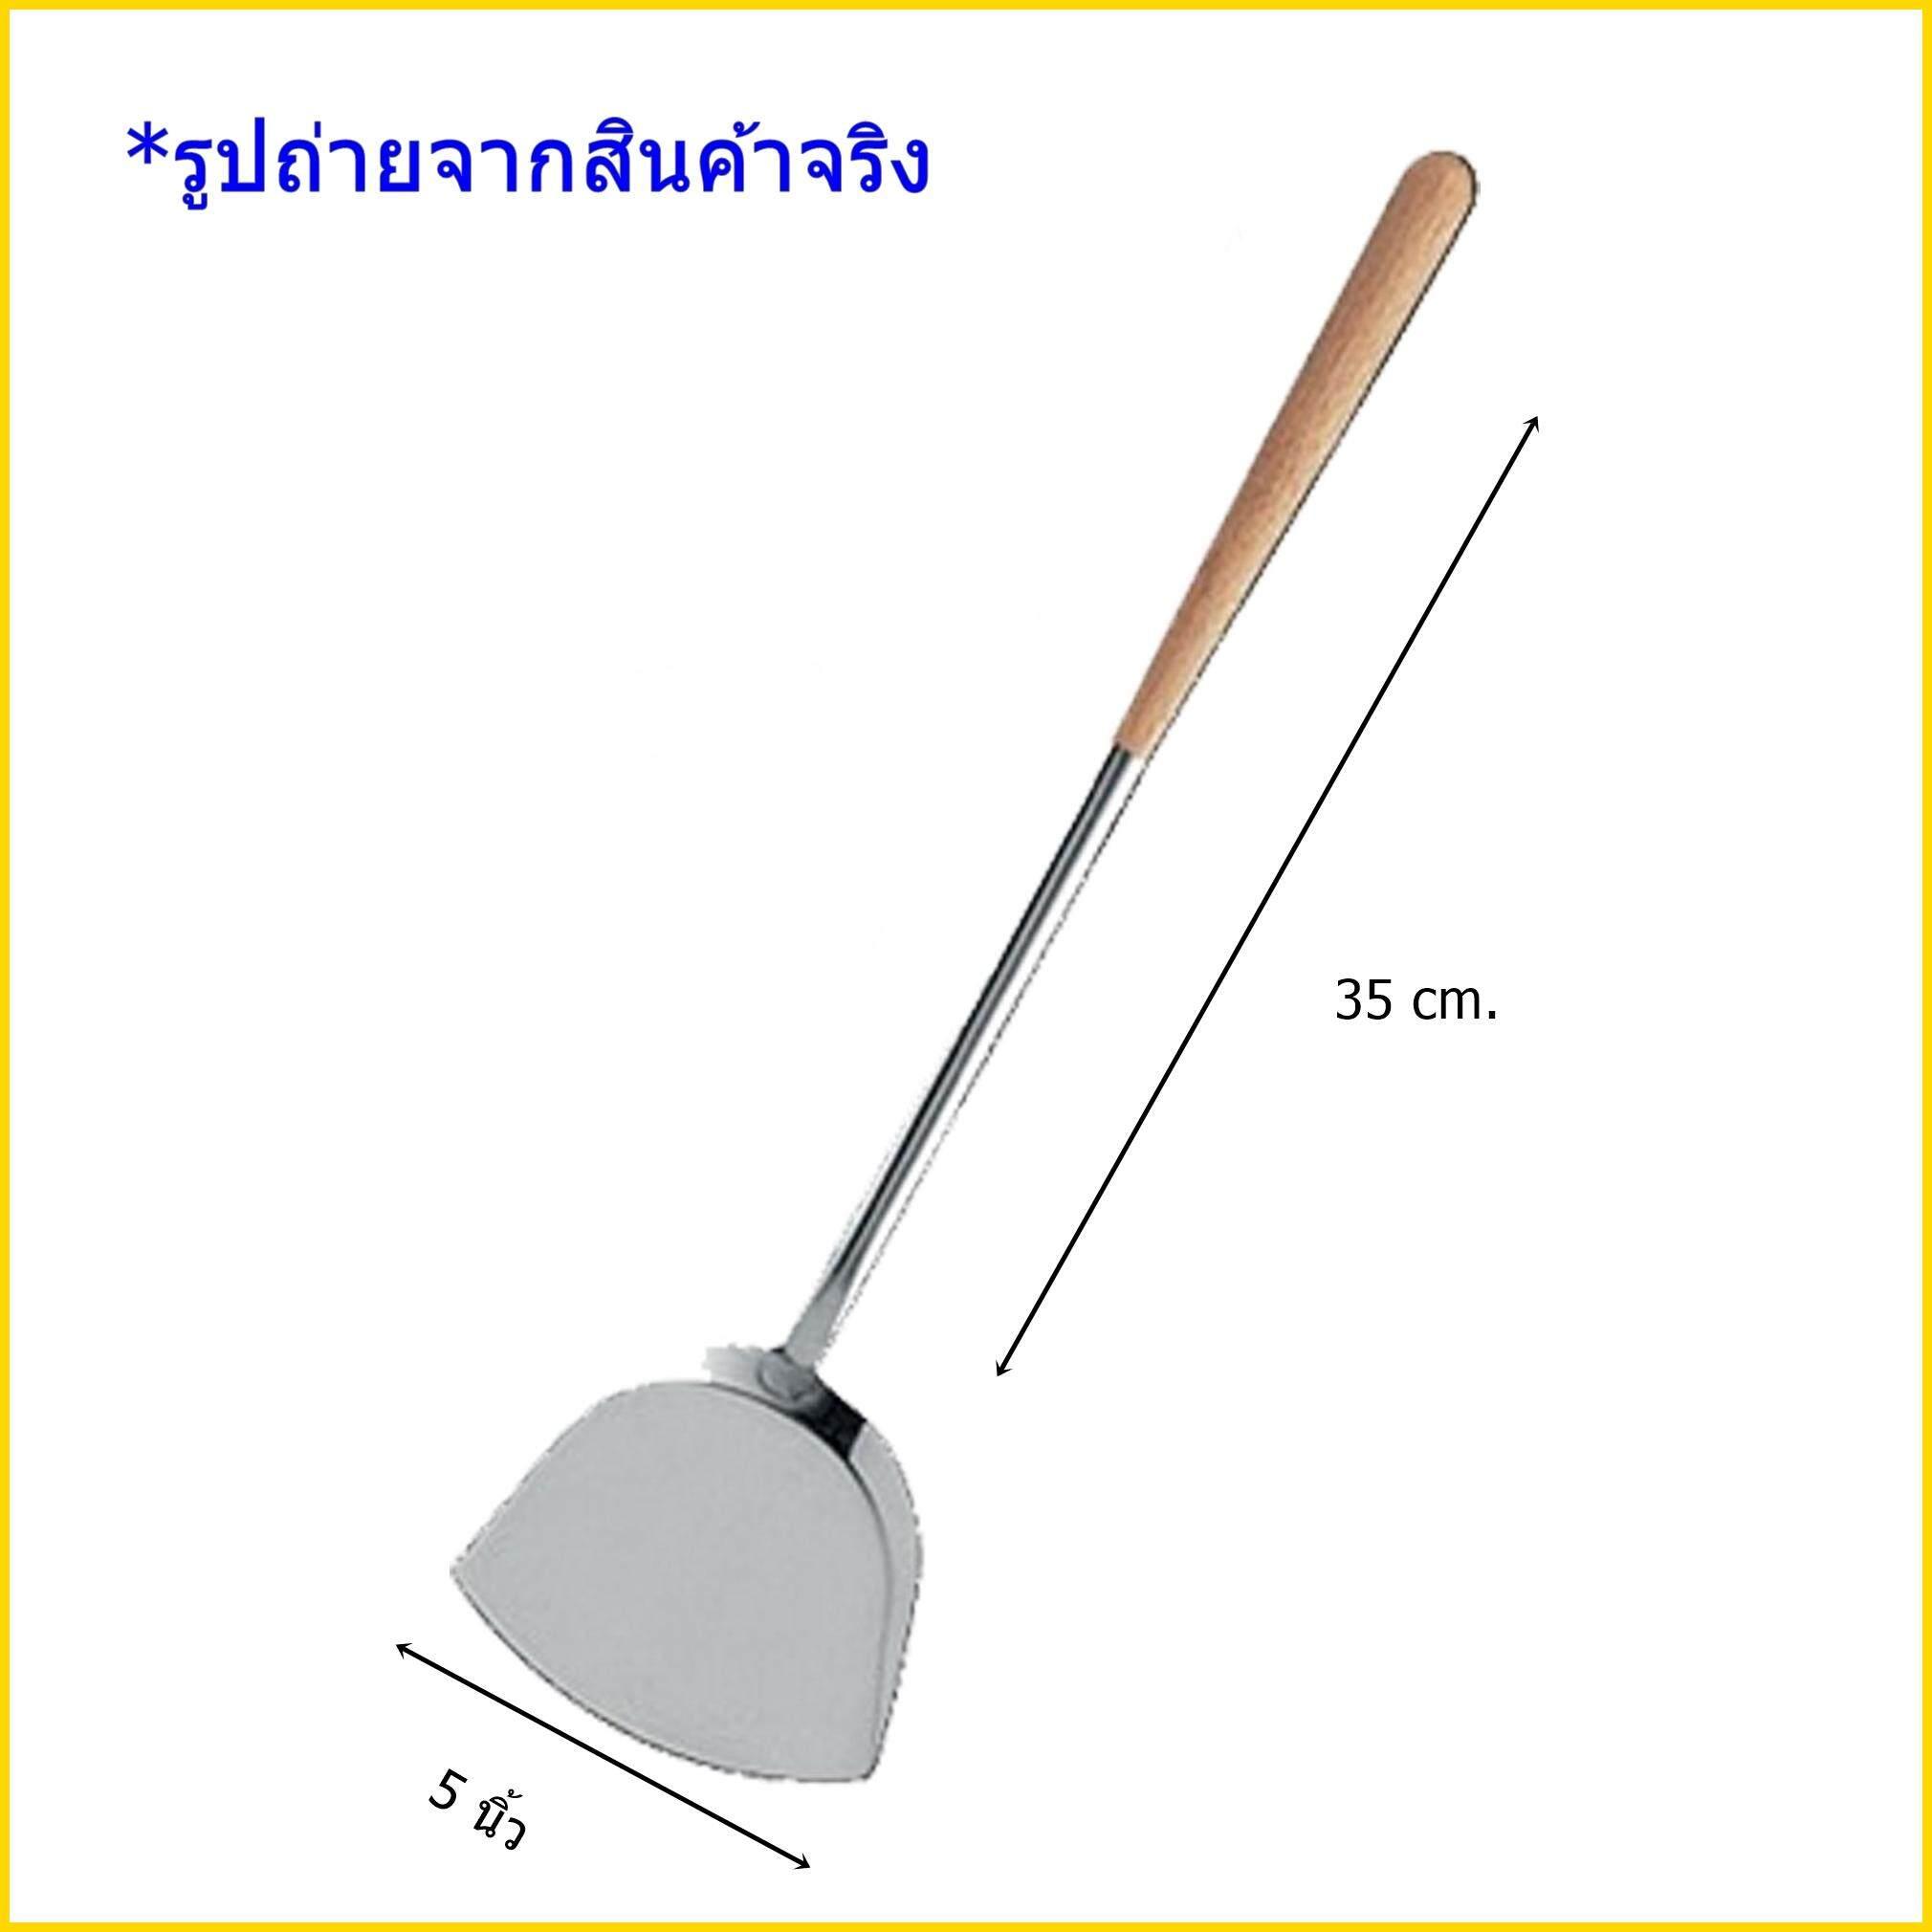 ตะหลิวด้ามไม้ใหญ่ 5 นิ้ว TP-055 ใช้สำหรับผัด ใช้สำหรับทอด